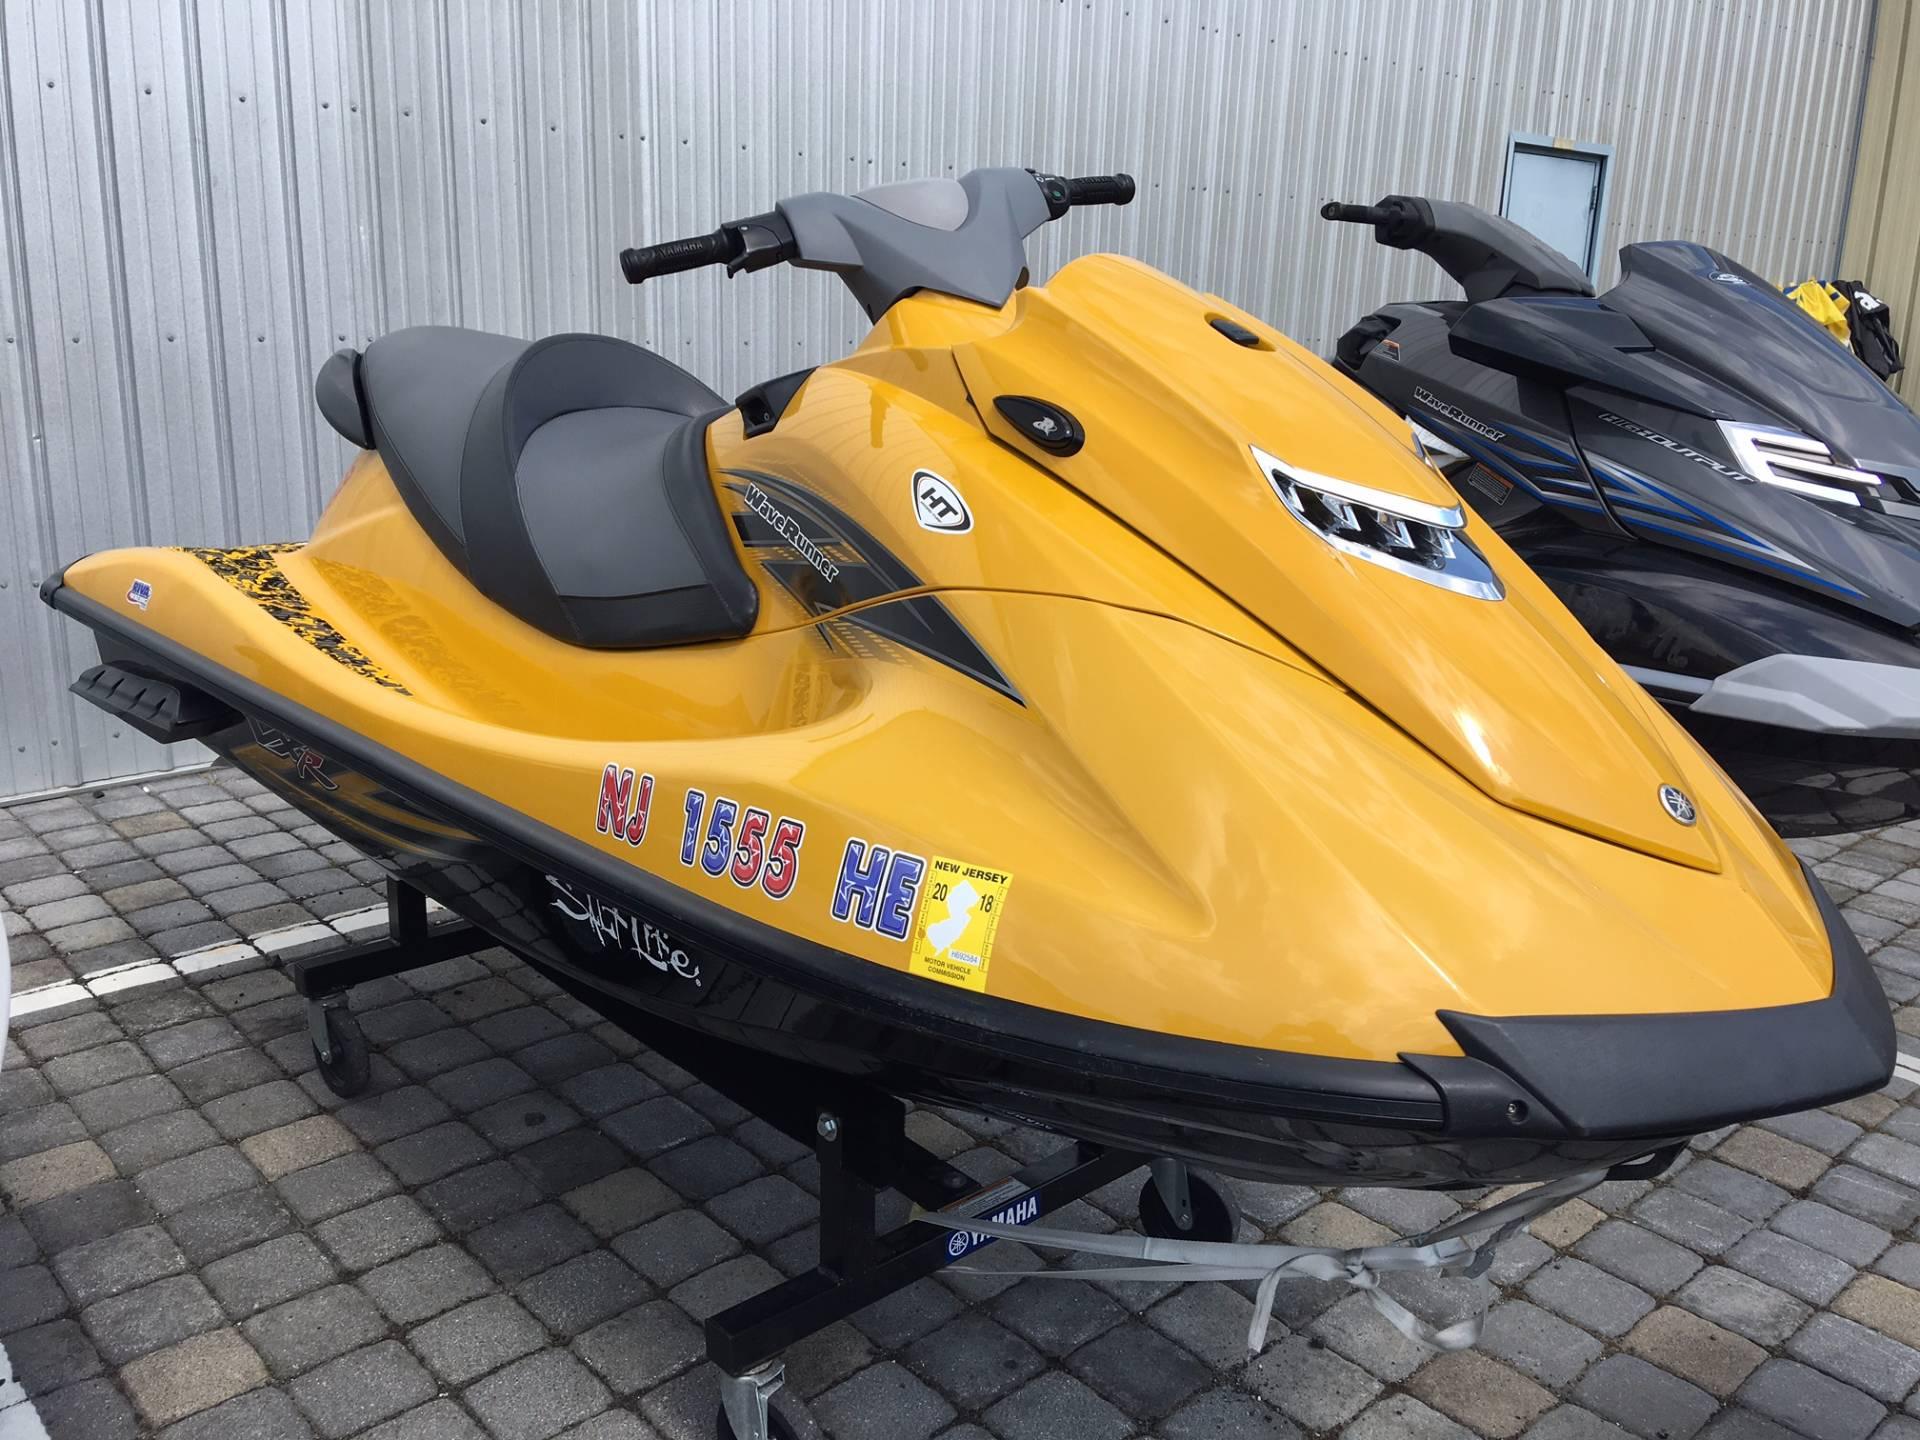 2013 Yamaha VXR for sale 16970